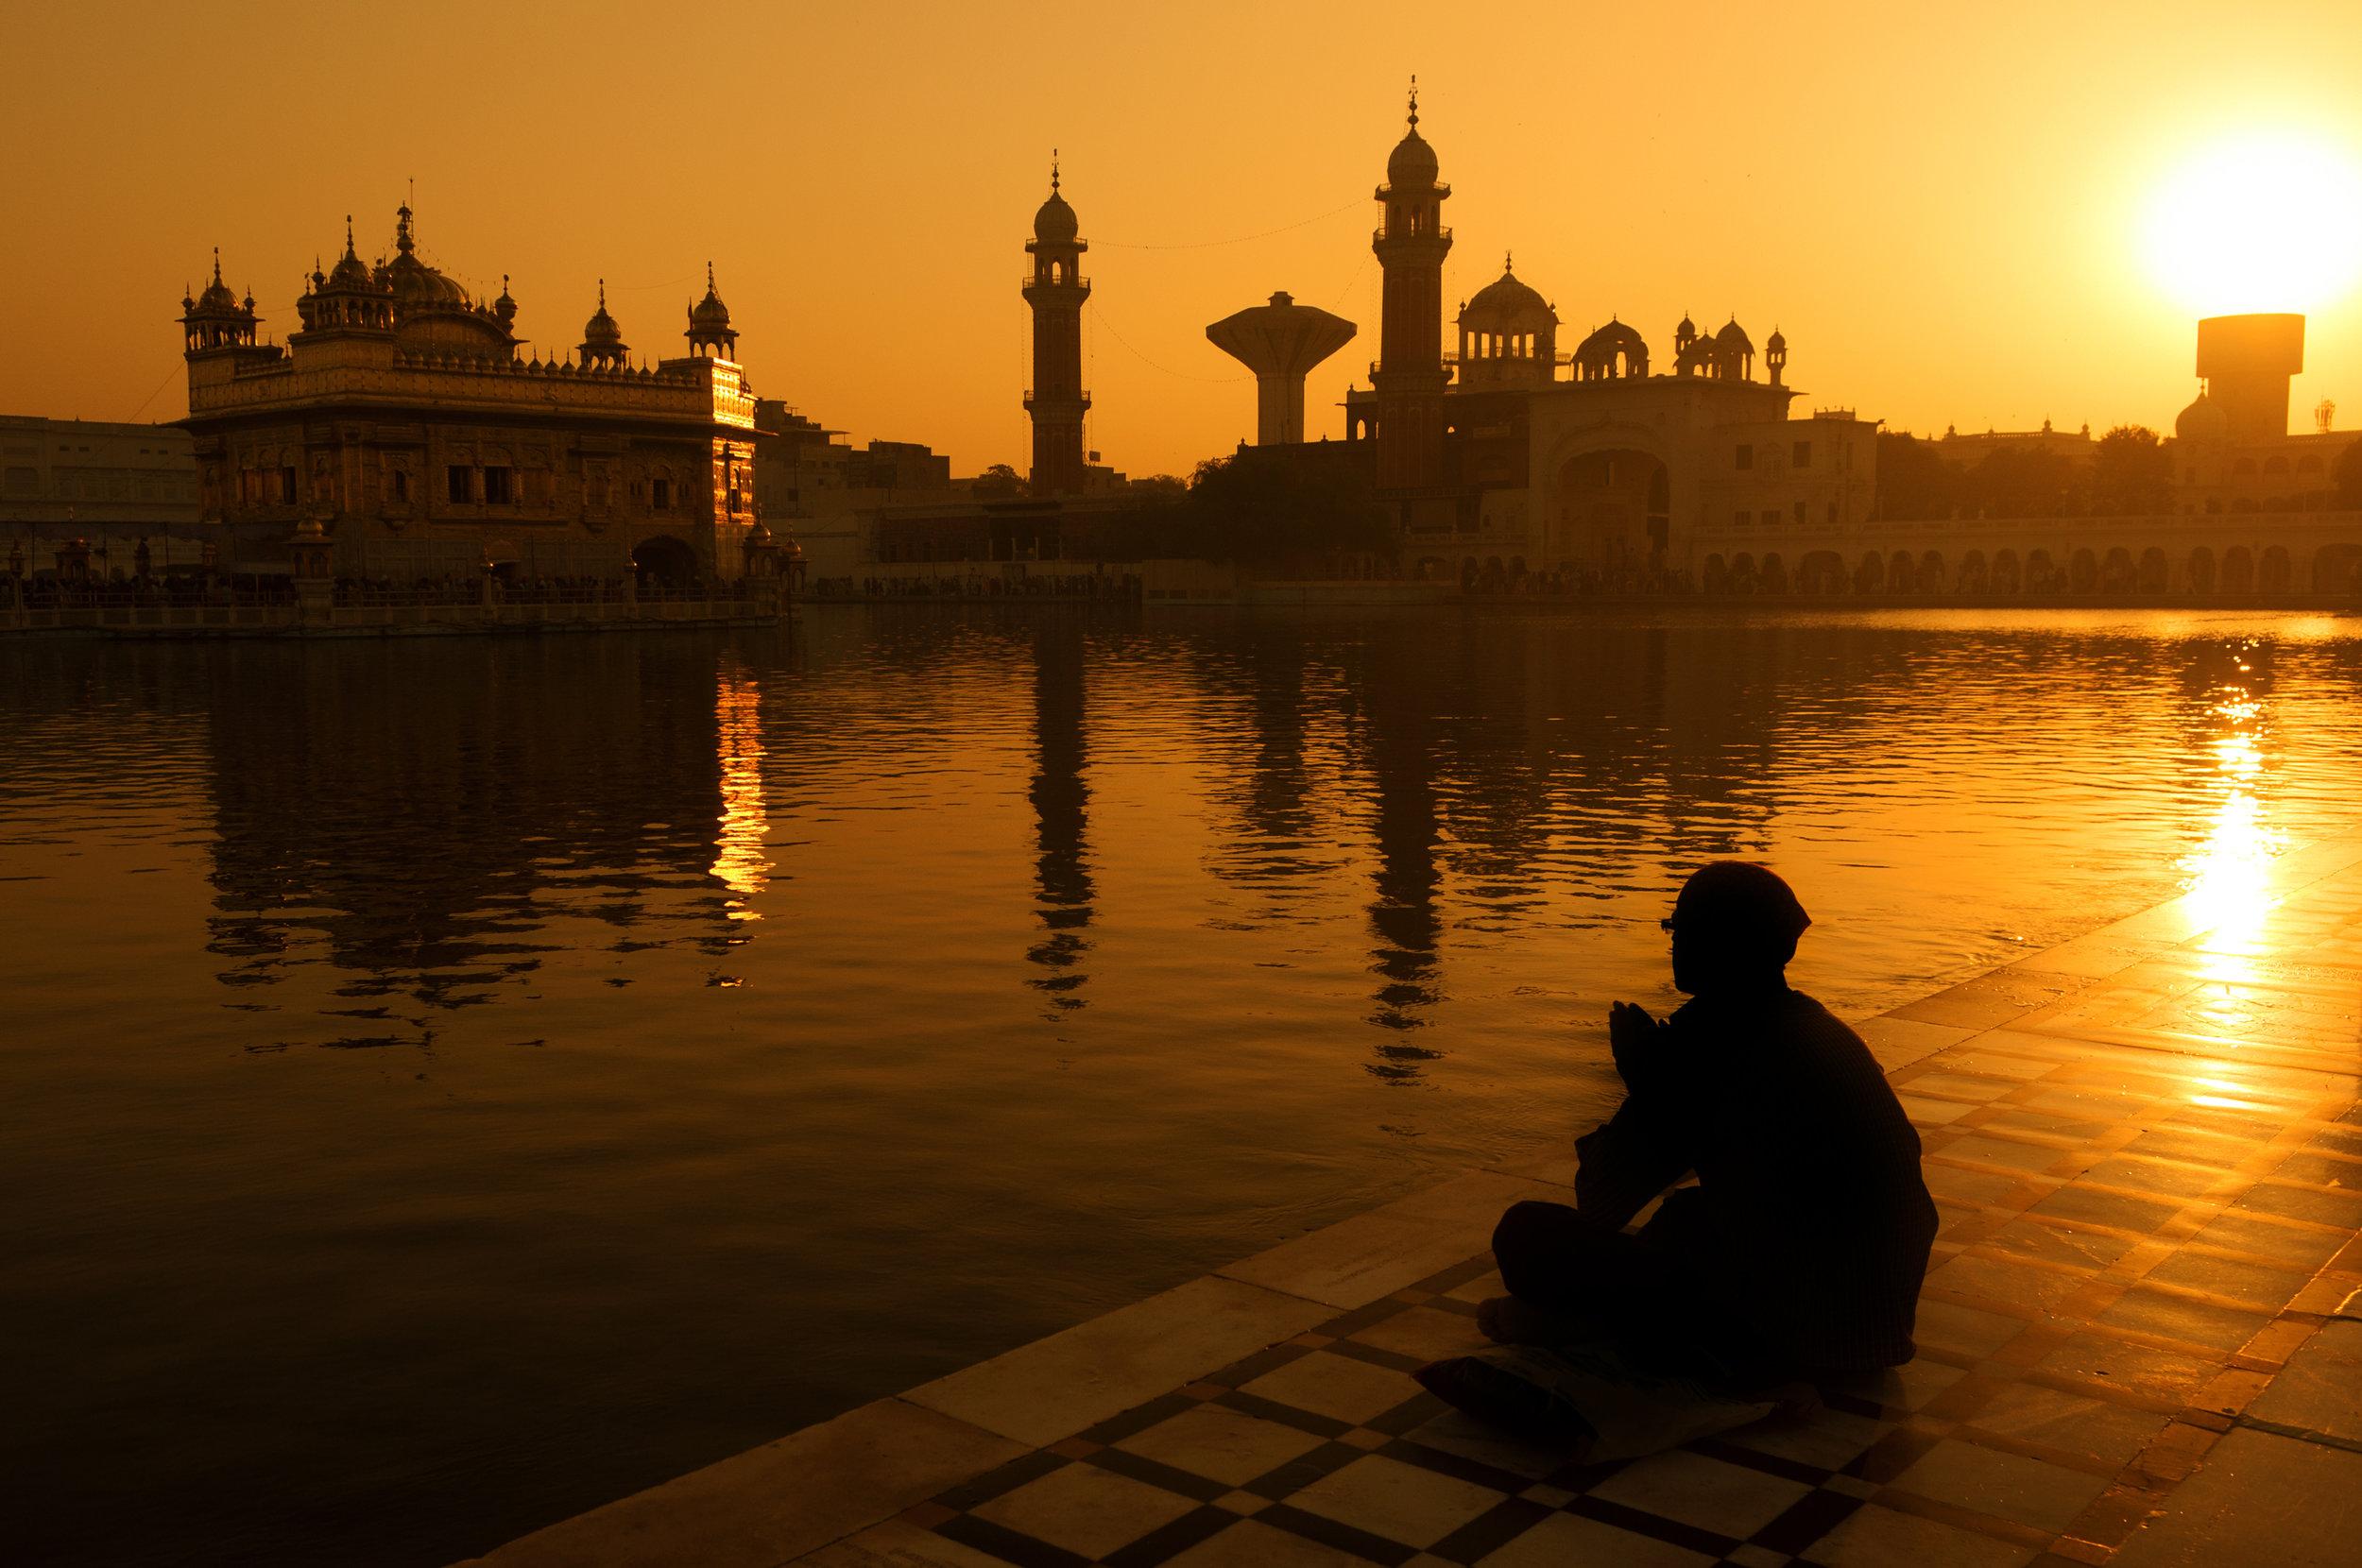 india_bigstock-Sikh-pilgrims-sitting-beside-t-108772307.jpg